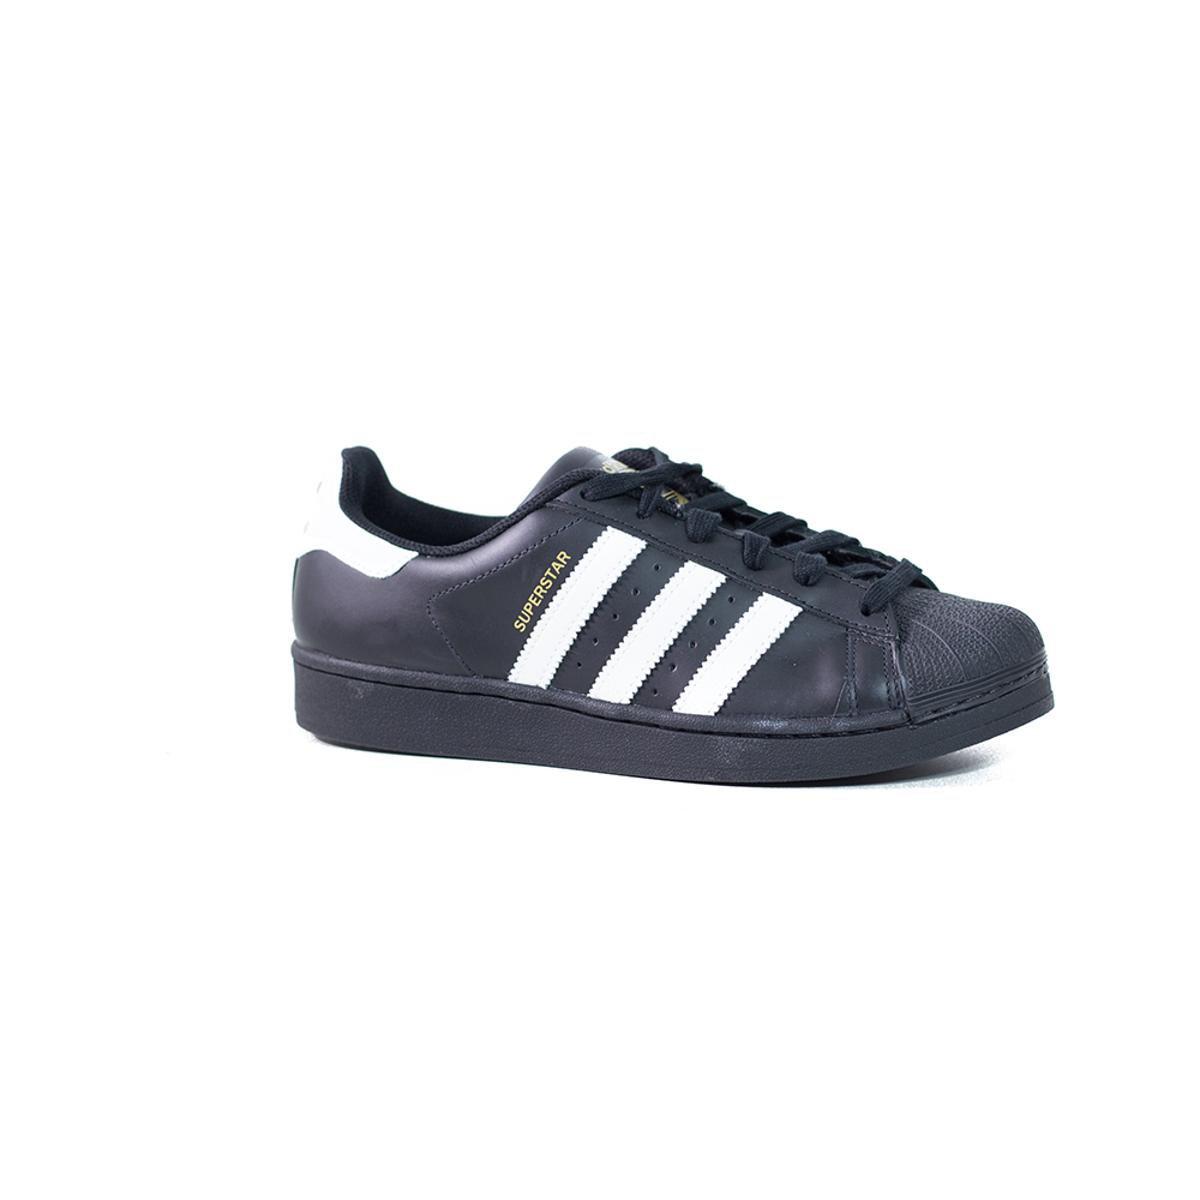 d1eb4663178 Tênis Adidas Superstar Foundation - Compre Agora